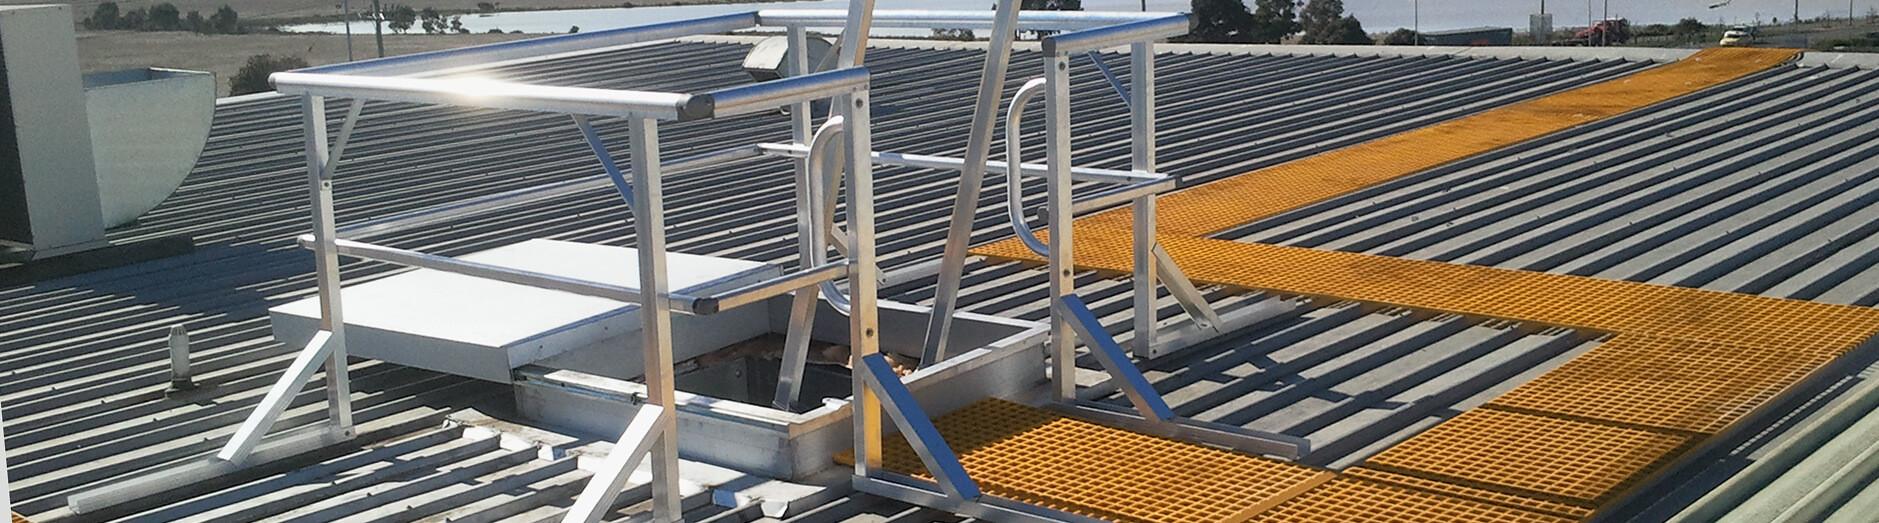 Access Hatches & Guard Rails